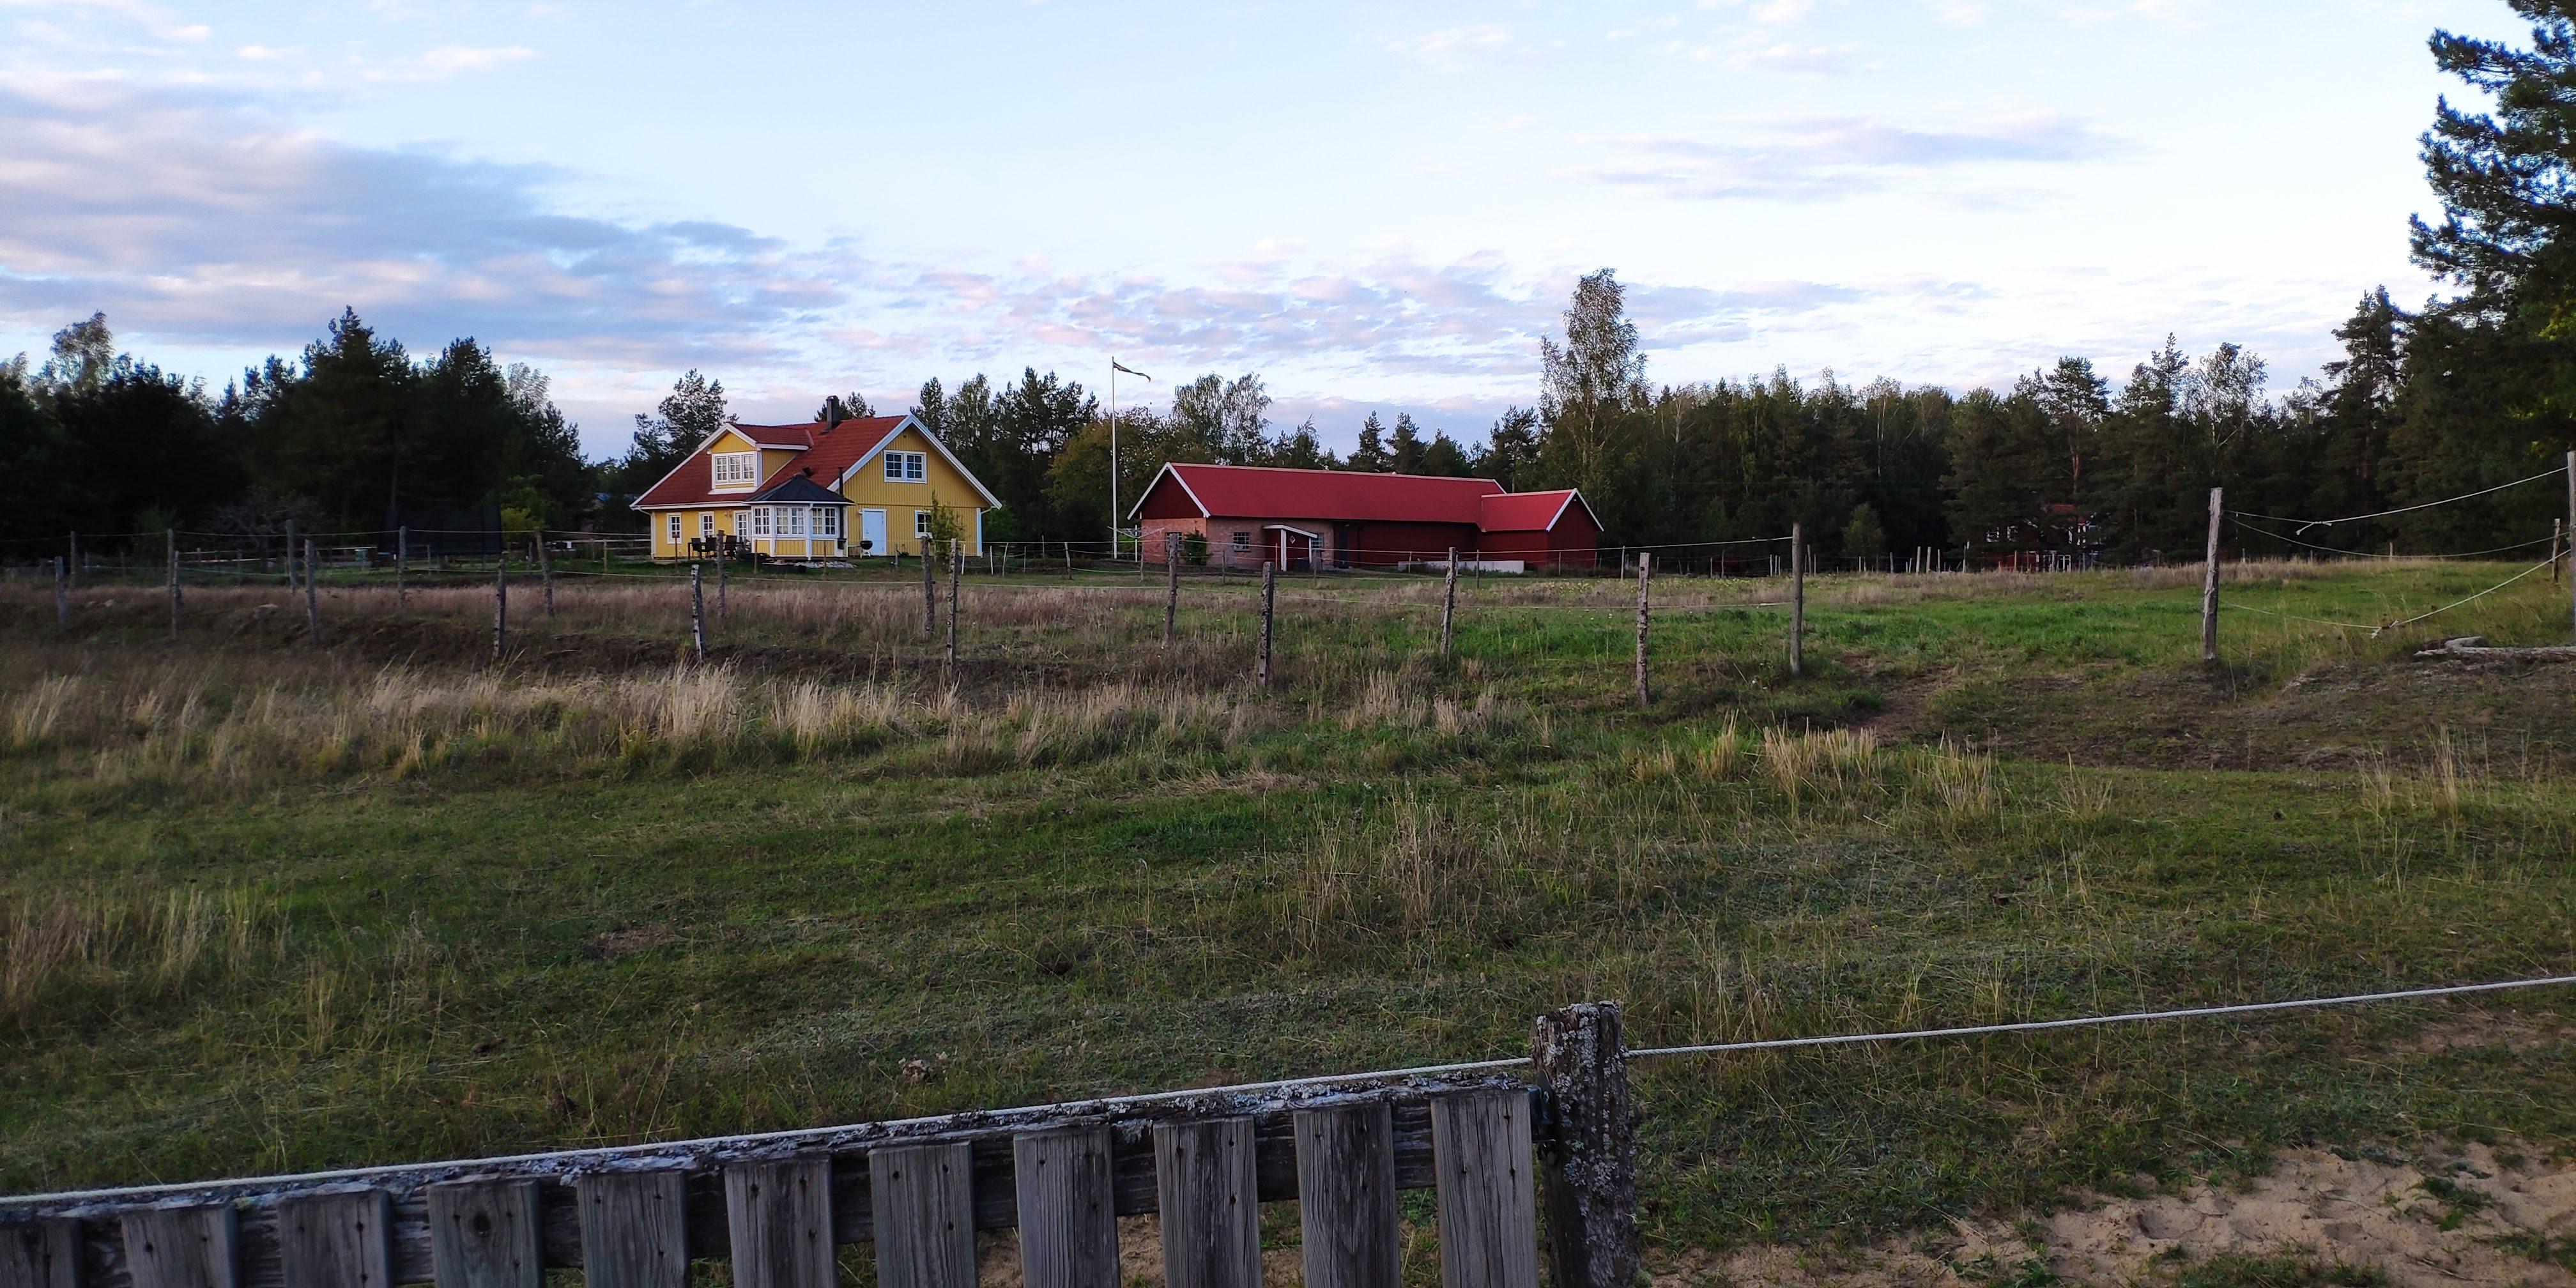 Maisons suédoises sur notre trajet